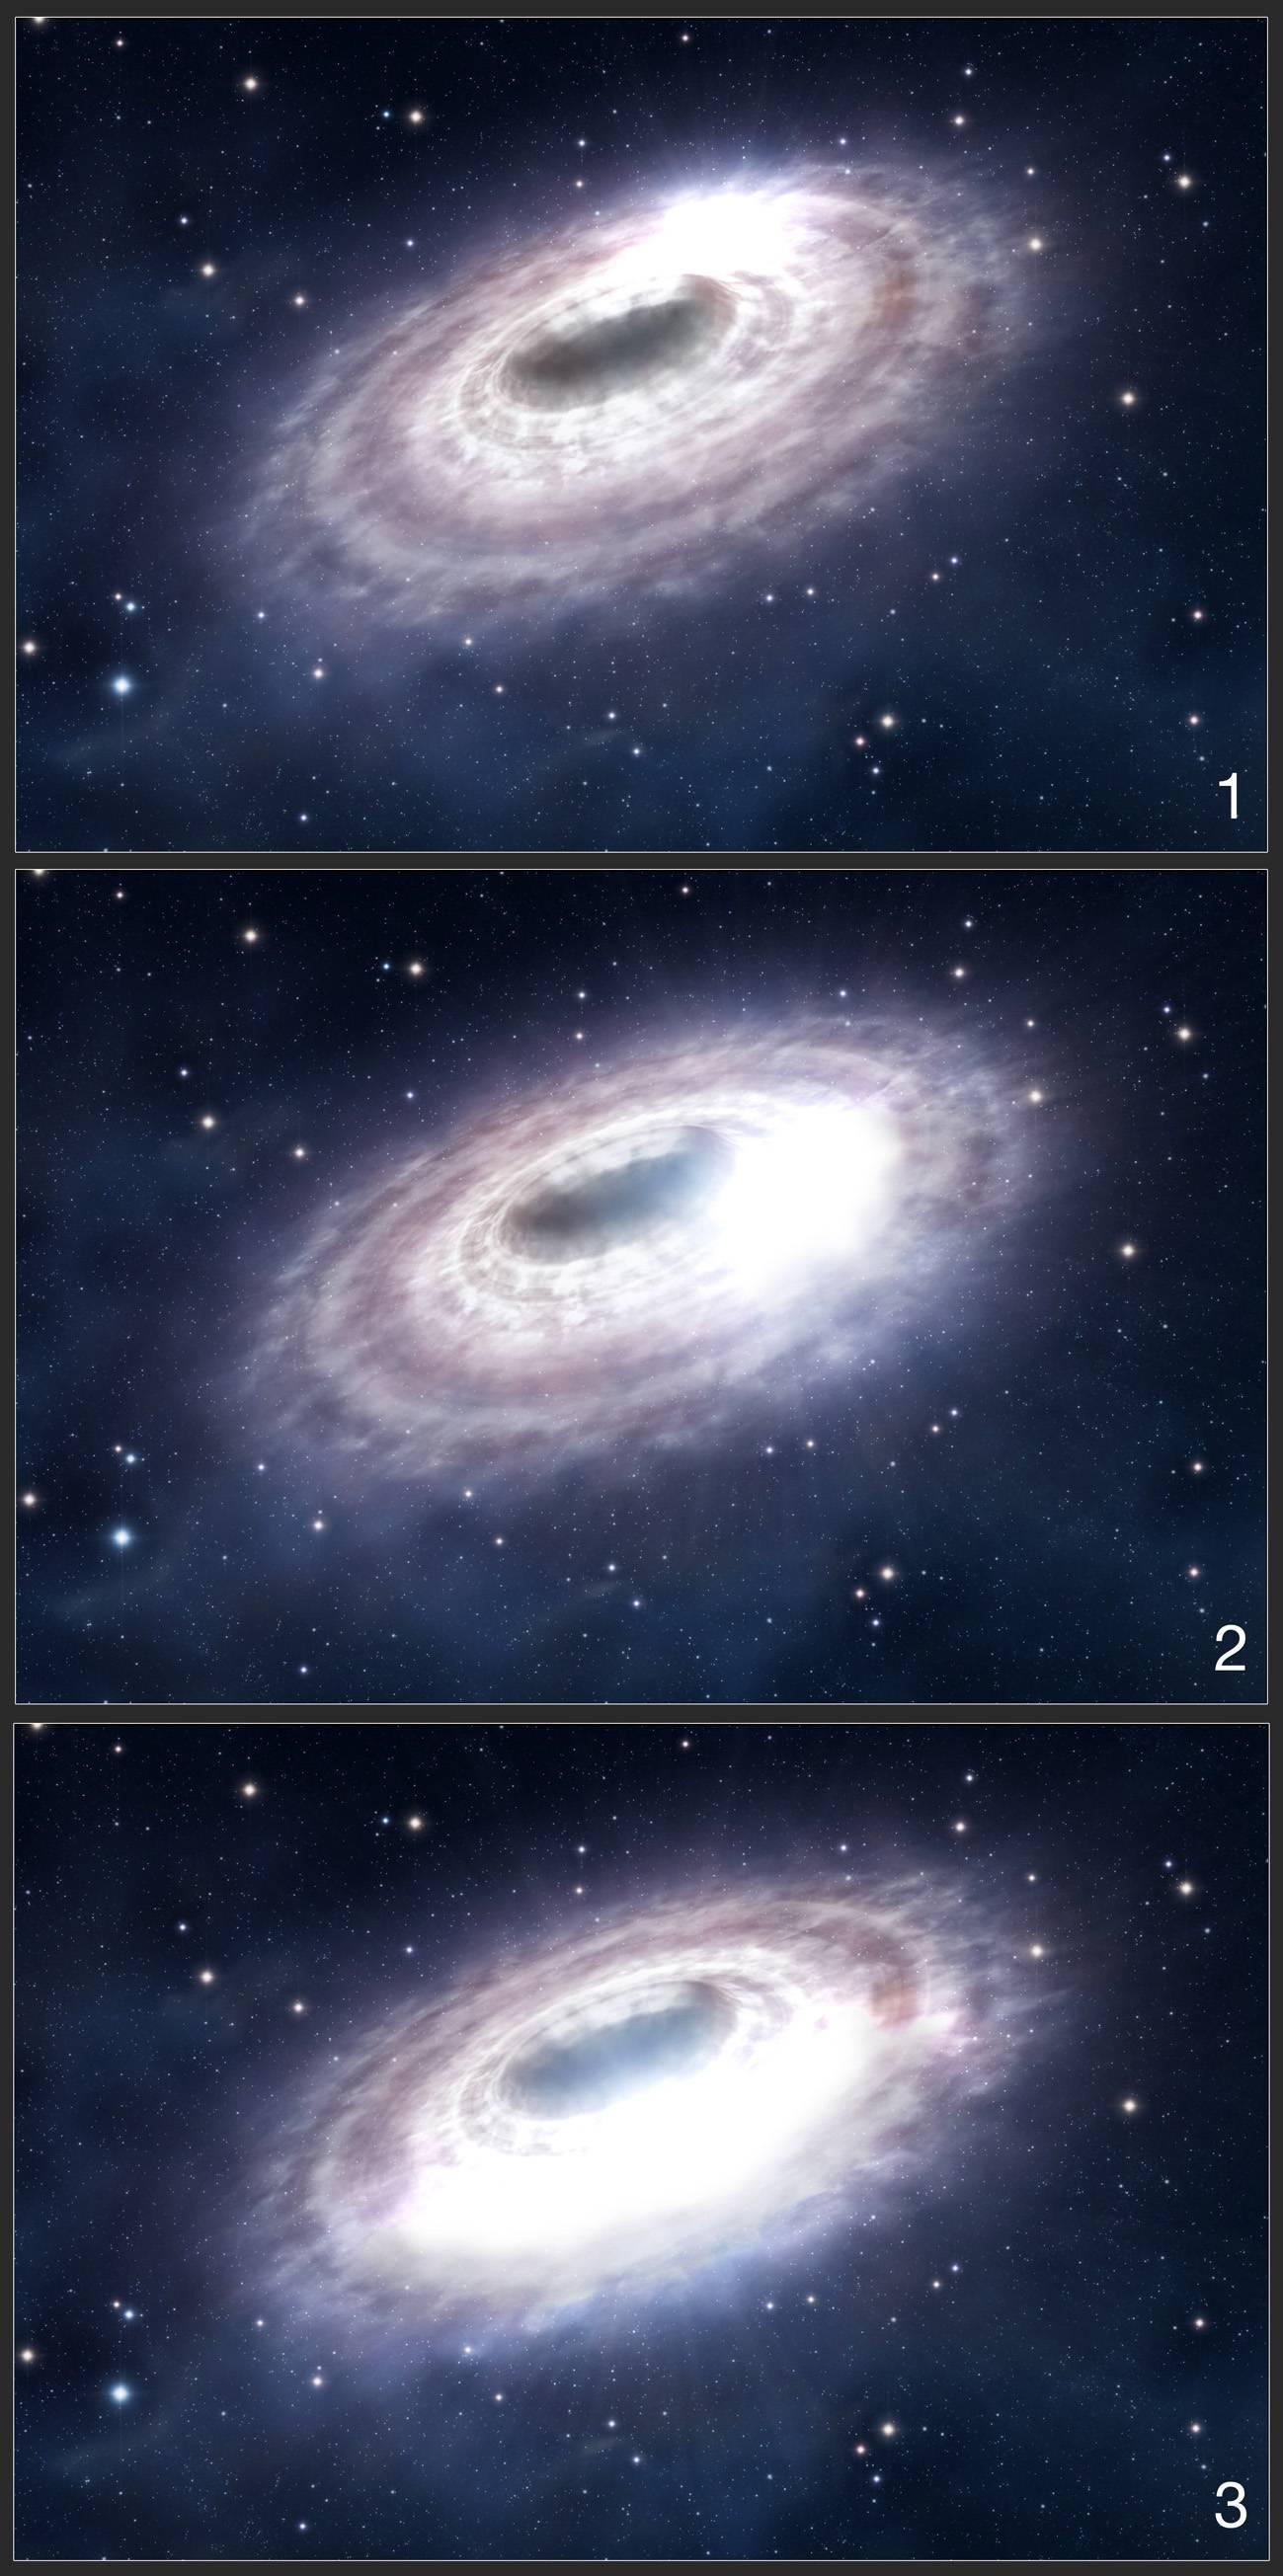 Observan cómo el agujero negro de la Vía Láctea tritura la materia a su alrededor